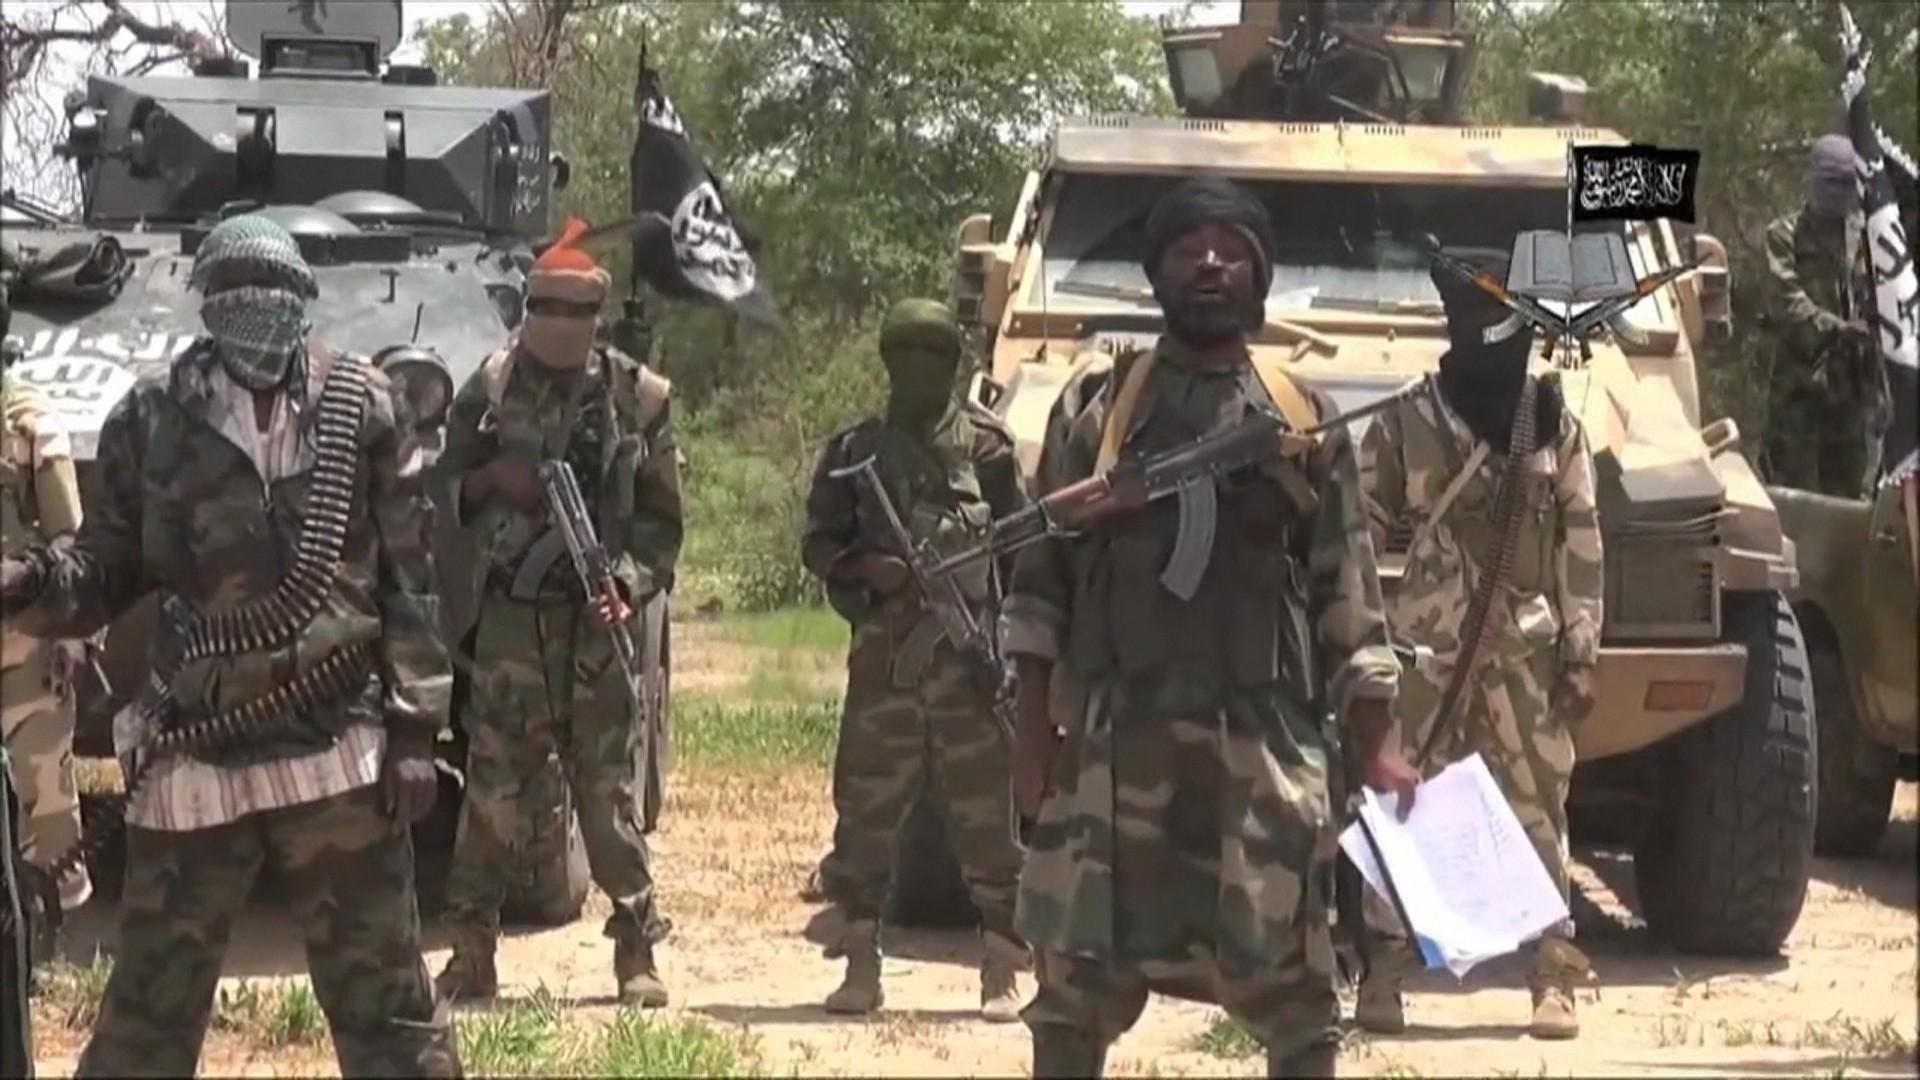 ВНигерии исламисты из«Боко Харам» похитили 22 девушек